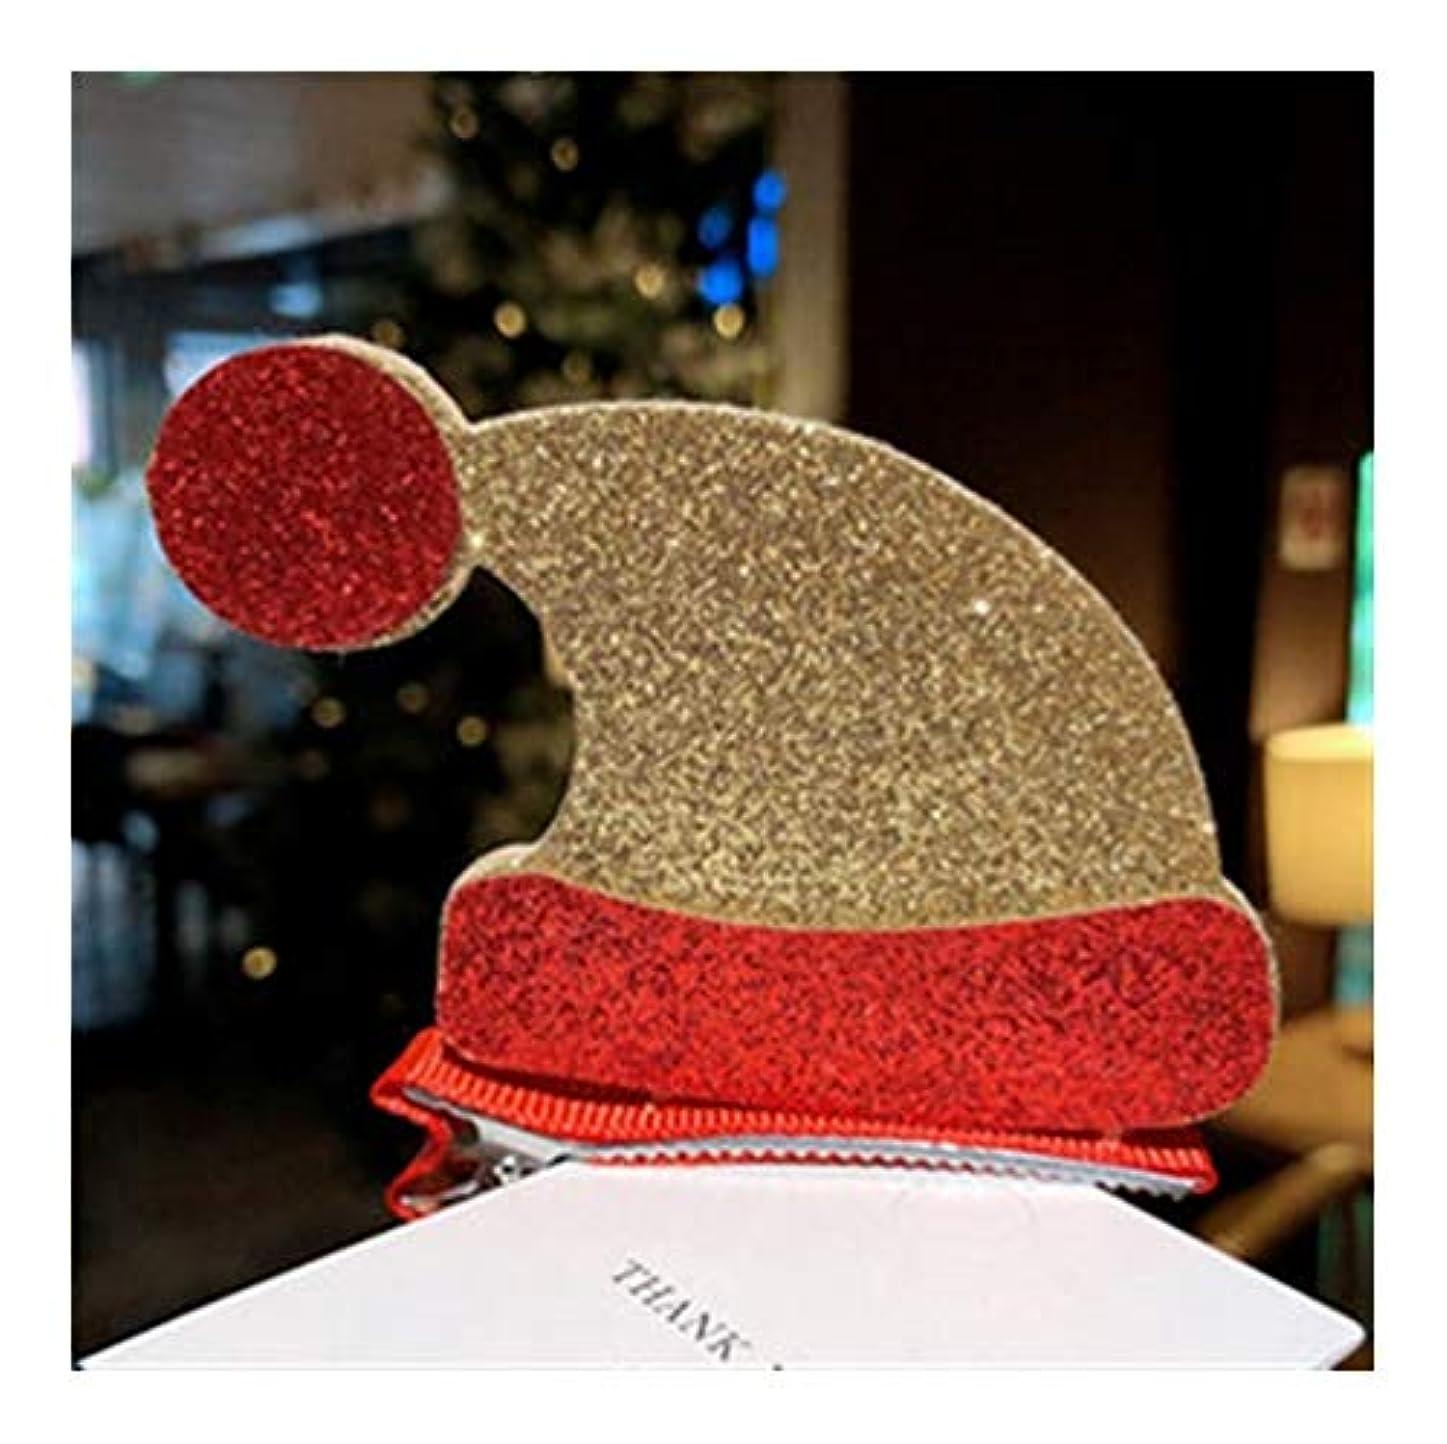 変形歯書き込みクリスマスの子供のヘアピンは、(利用可能な様々なスタイルを)ヘアピン痛い毛前髪クリップ王女クリスマスの飾り頭飾りかわいい女の子のヘアアクセサリーをしないでください (Size : B)